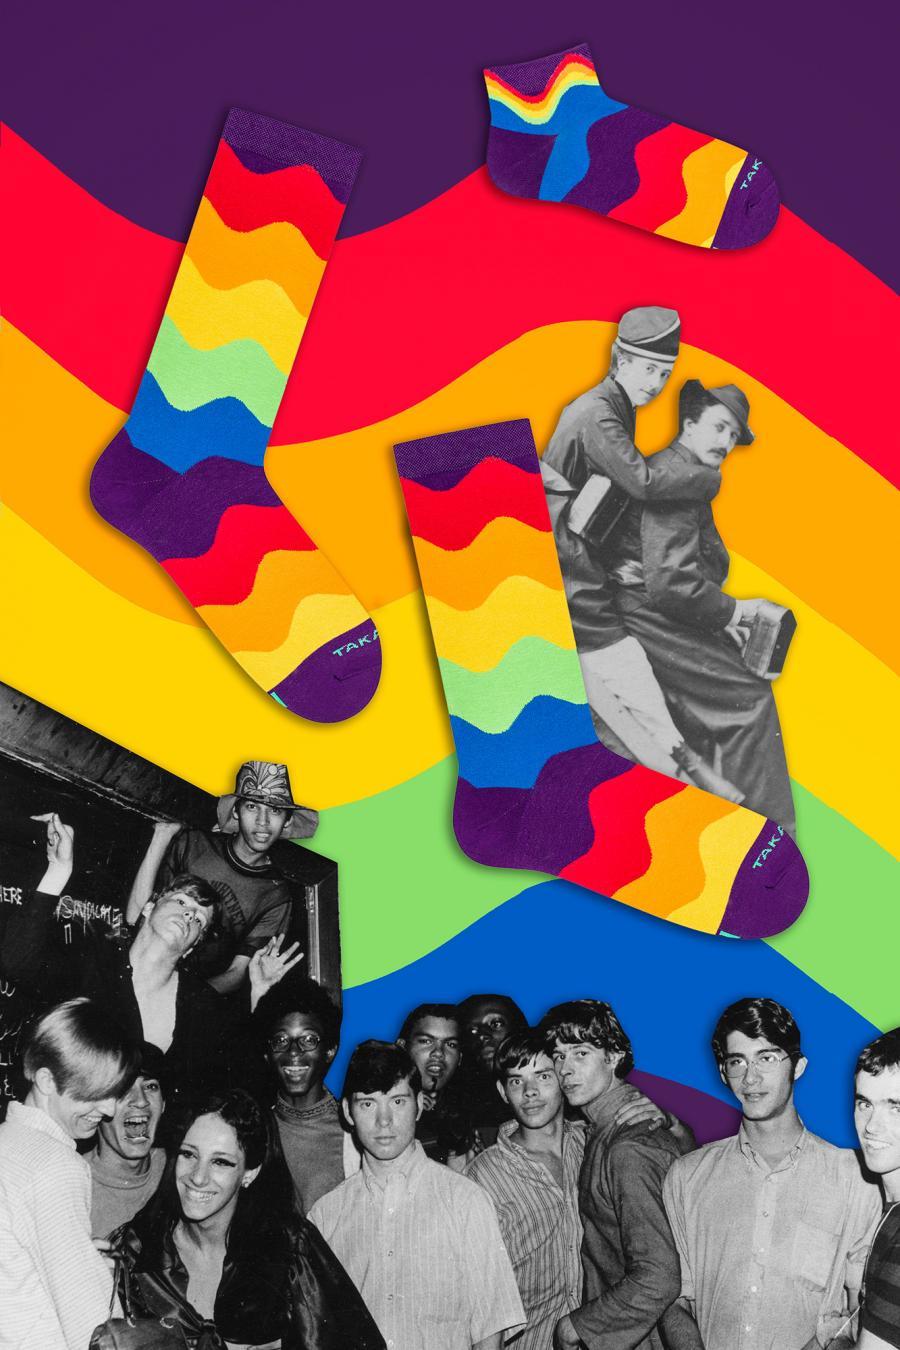 Kolorowe skarpetki - Tylna 99m4 - Takapara   JestemSlow.pl